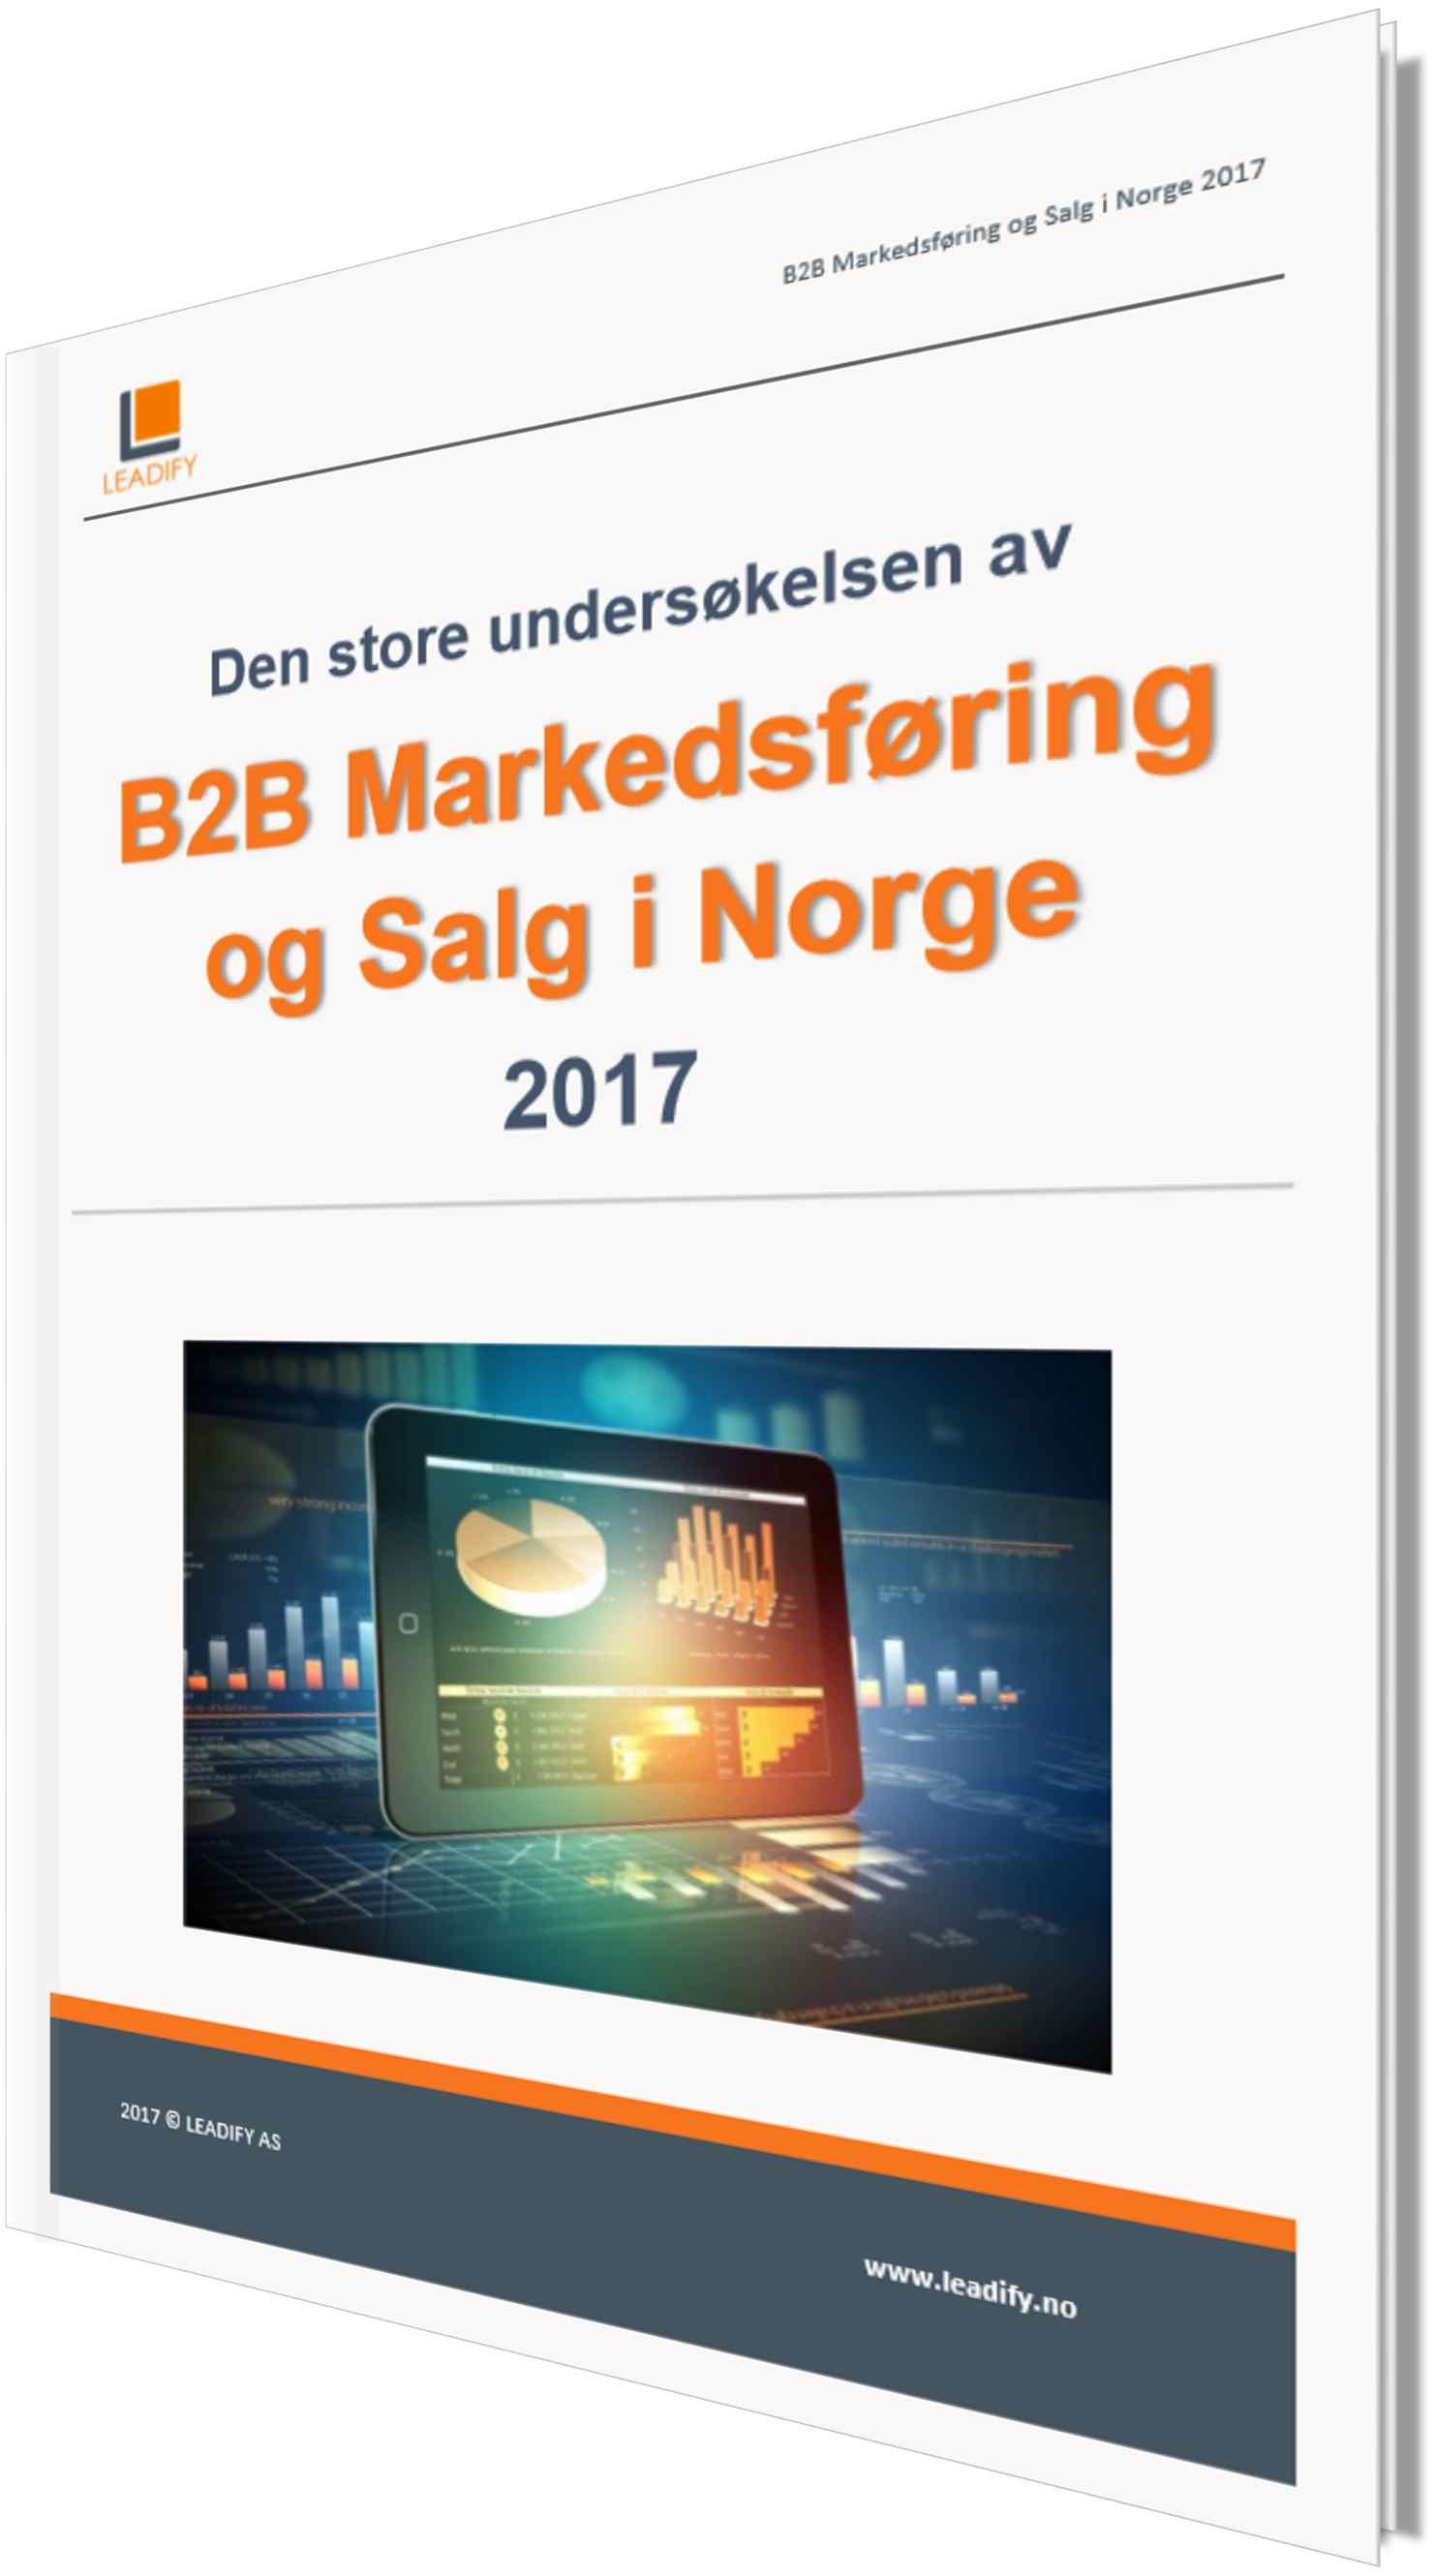 Den store undersøkelsen av B2B Markedsføring og Salg i Norge 2017